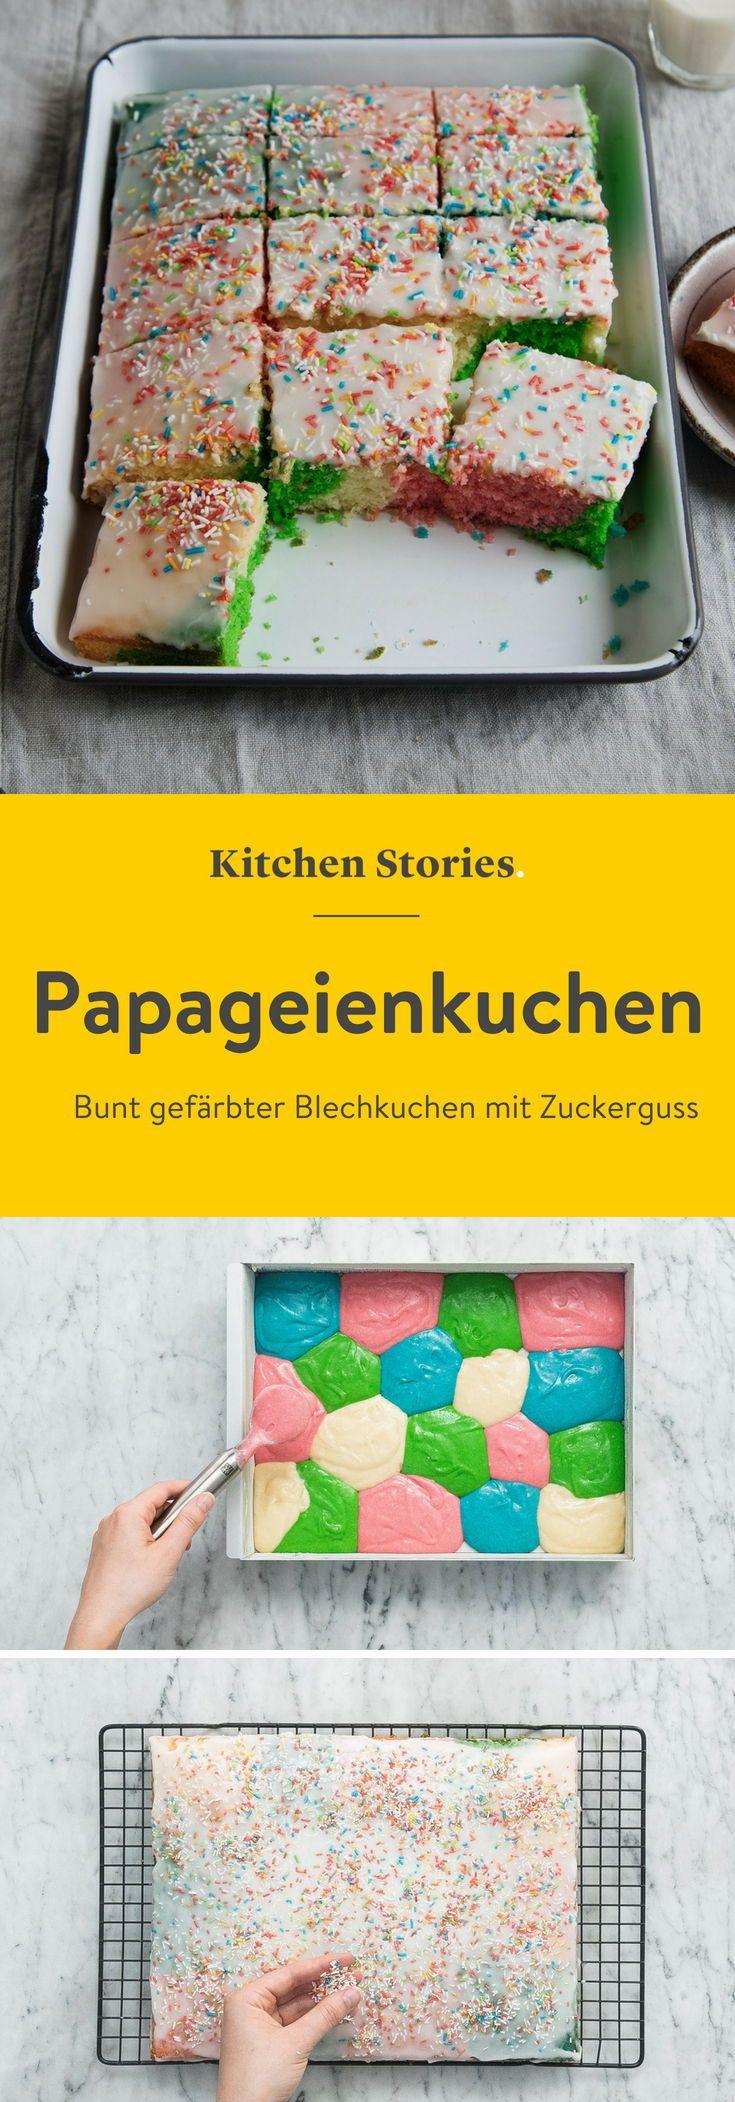 Papageienkuchen Rezept In 2018 Rezepte Pinterest Cake